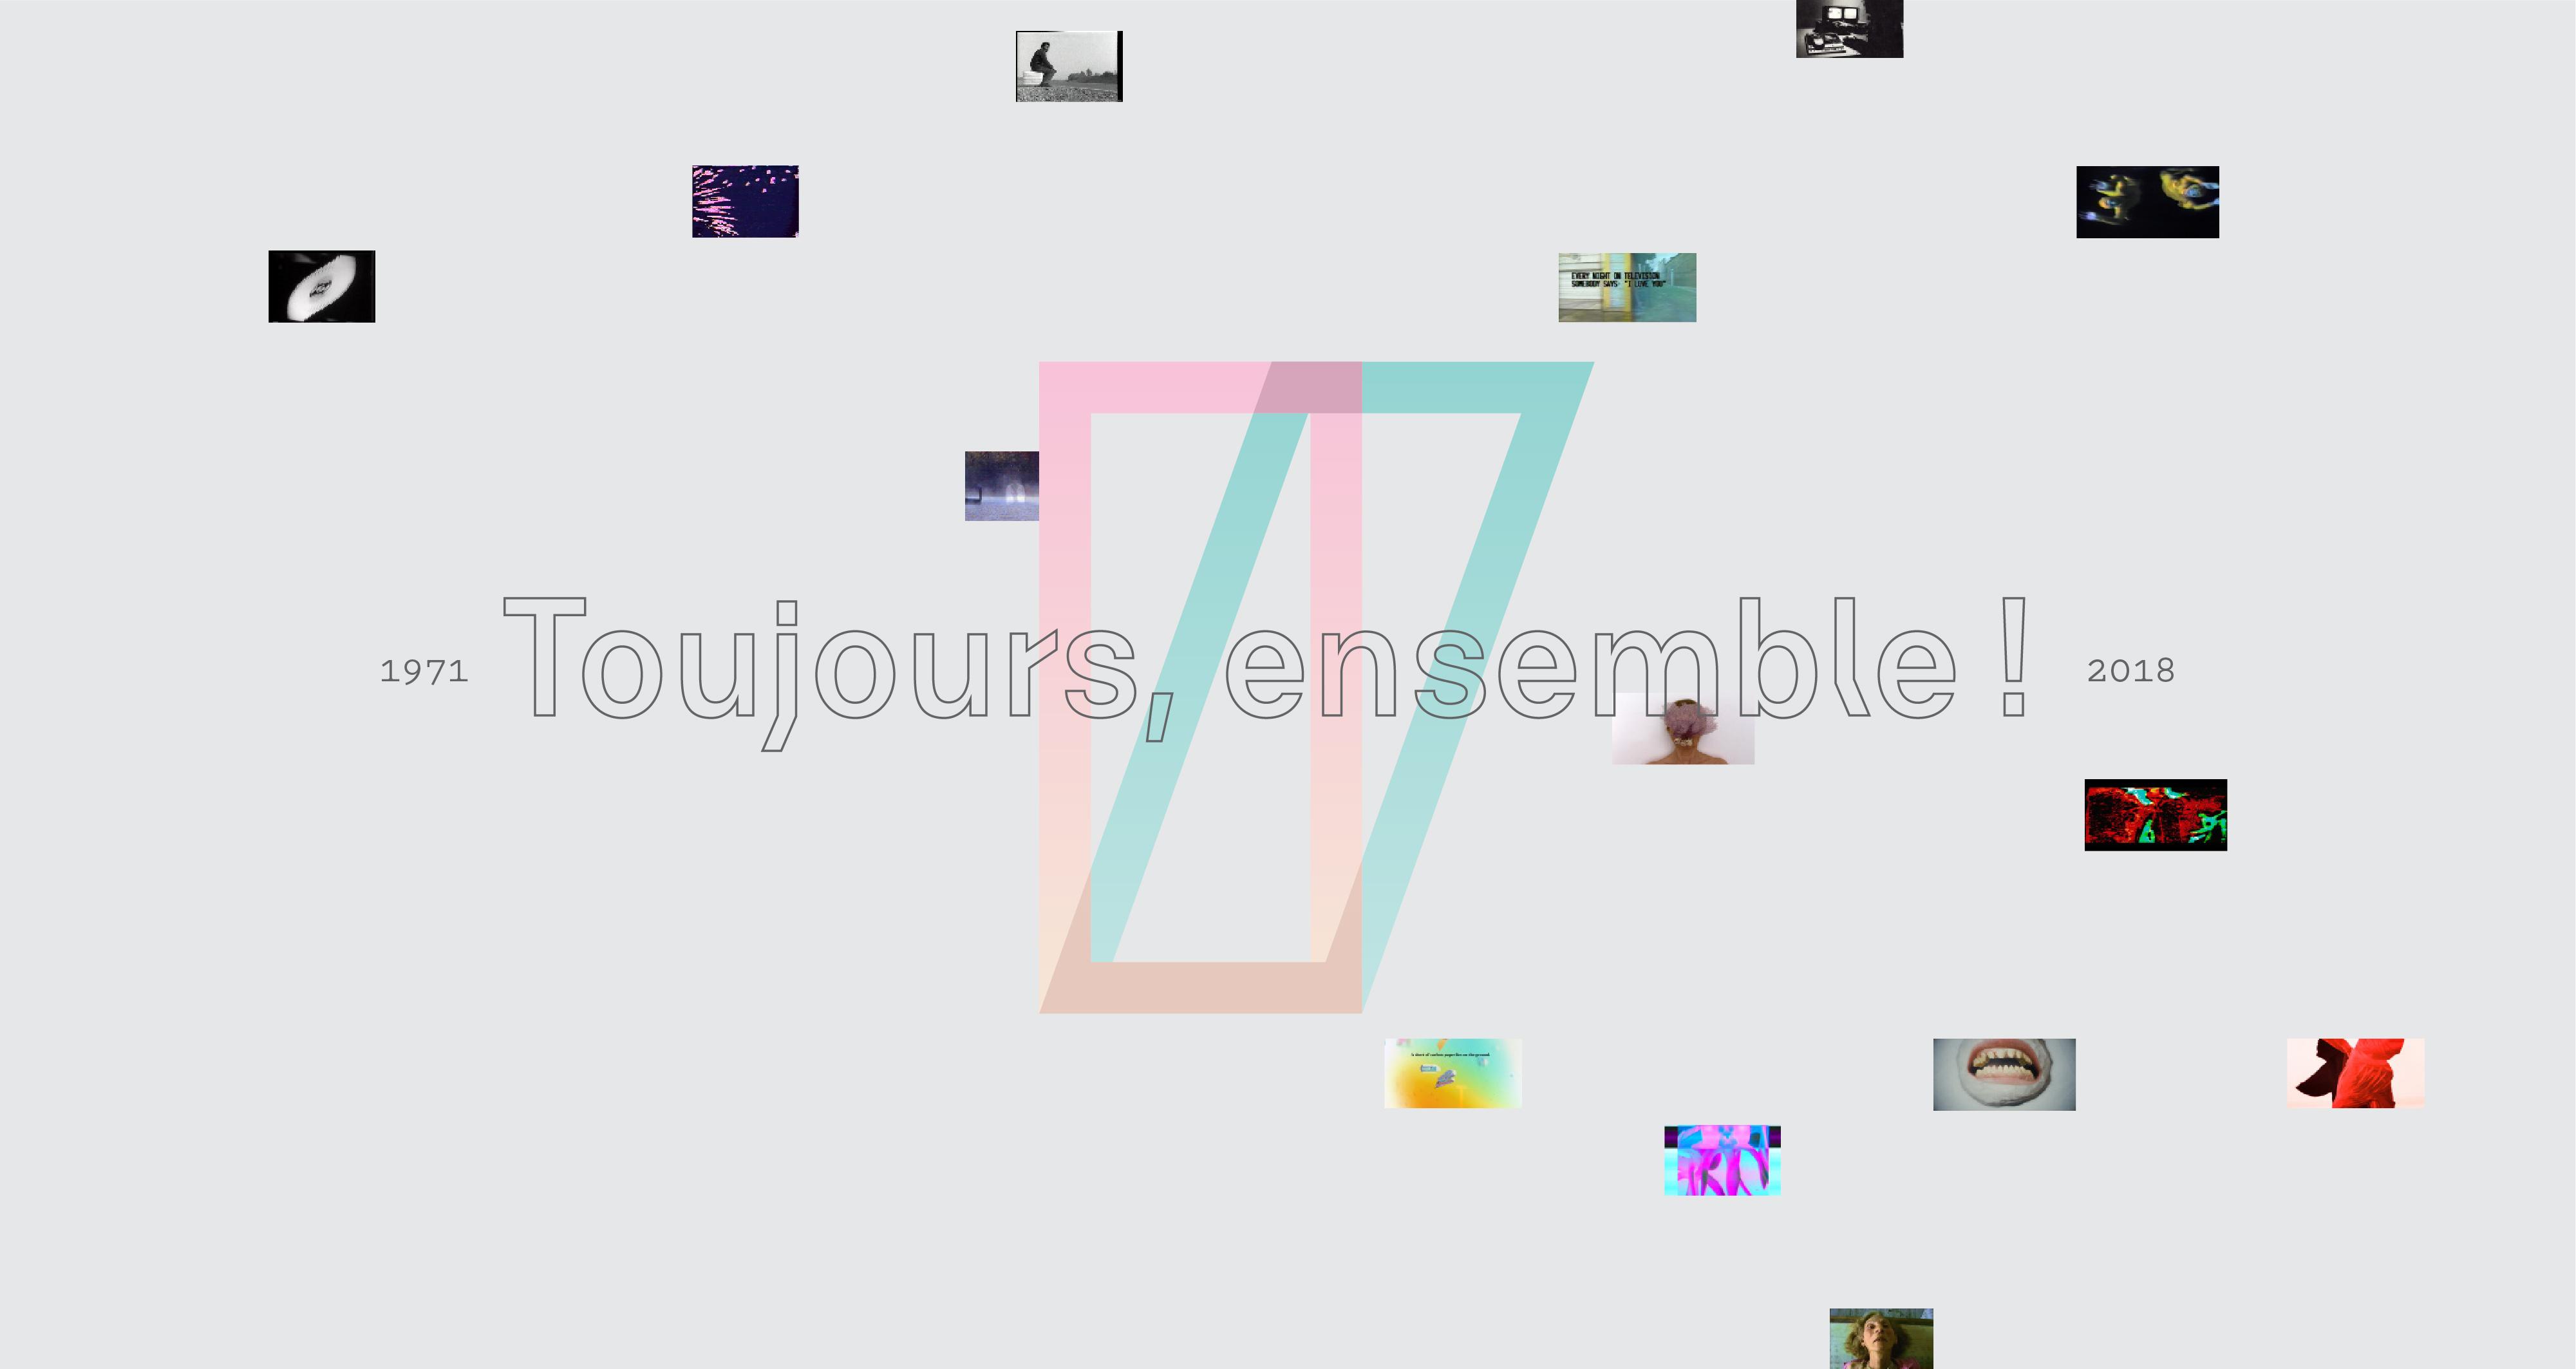 toujours ensemble, Vidéographe's logo and small films stills